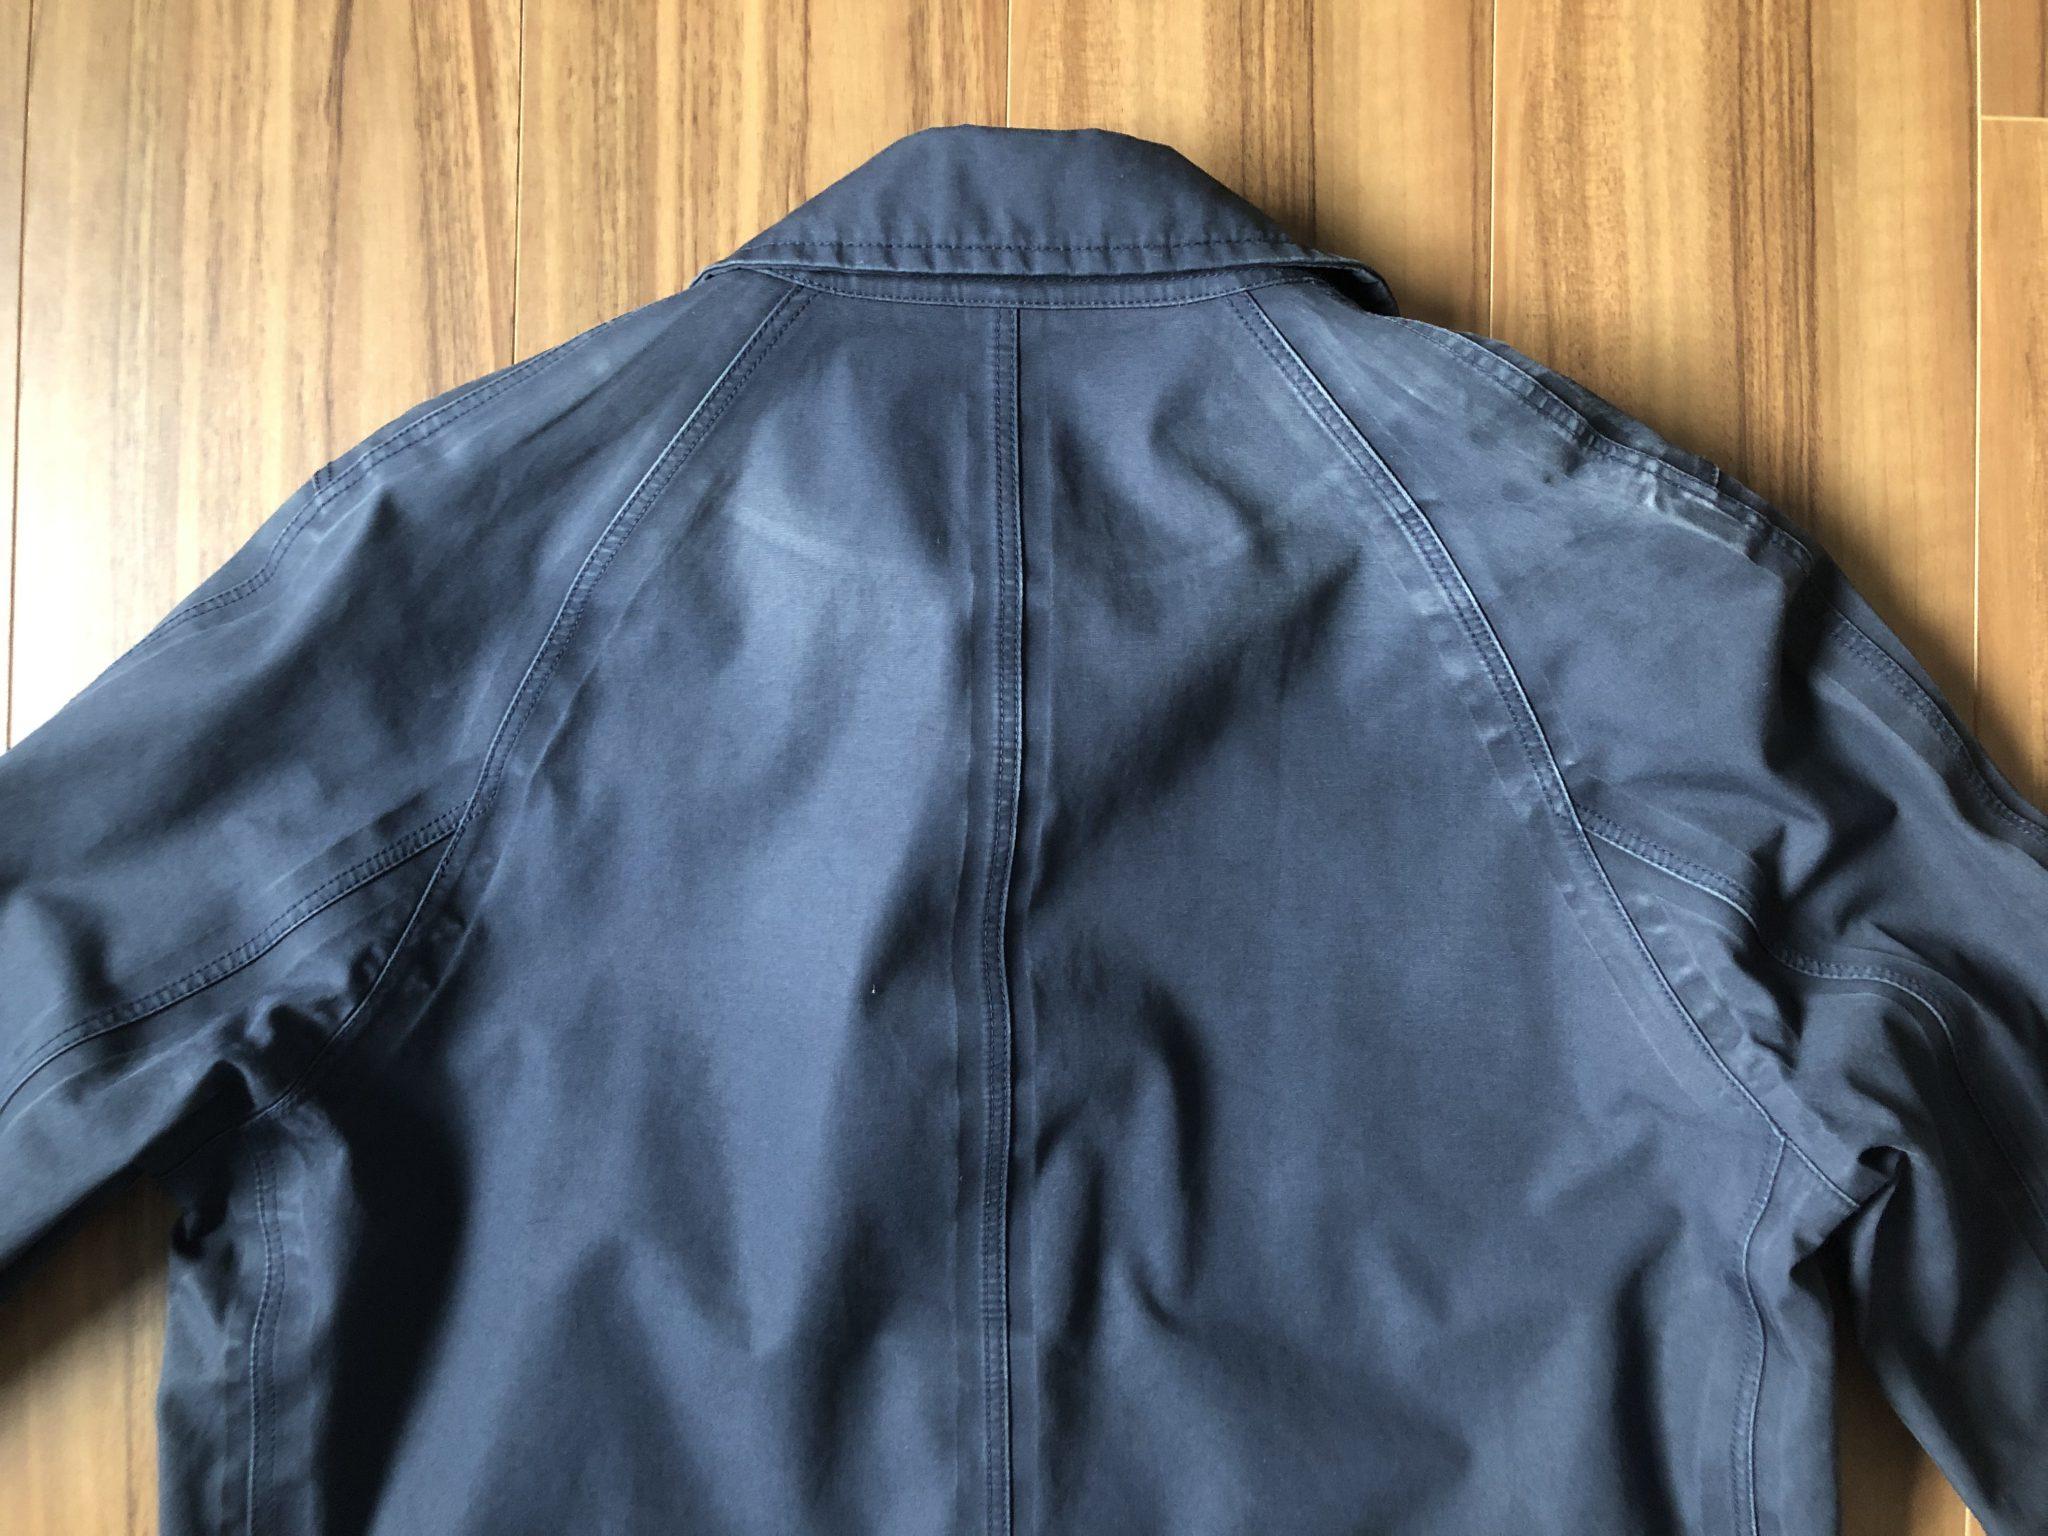 ナナミカ ゴアテックス ステンカラーコート nanamica GORE-TEX Soutien Collar Coat 背中 3期目 エイジング 経年変化